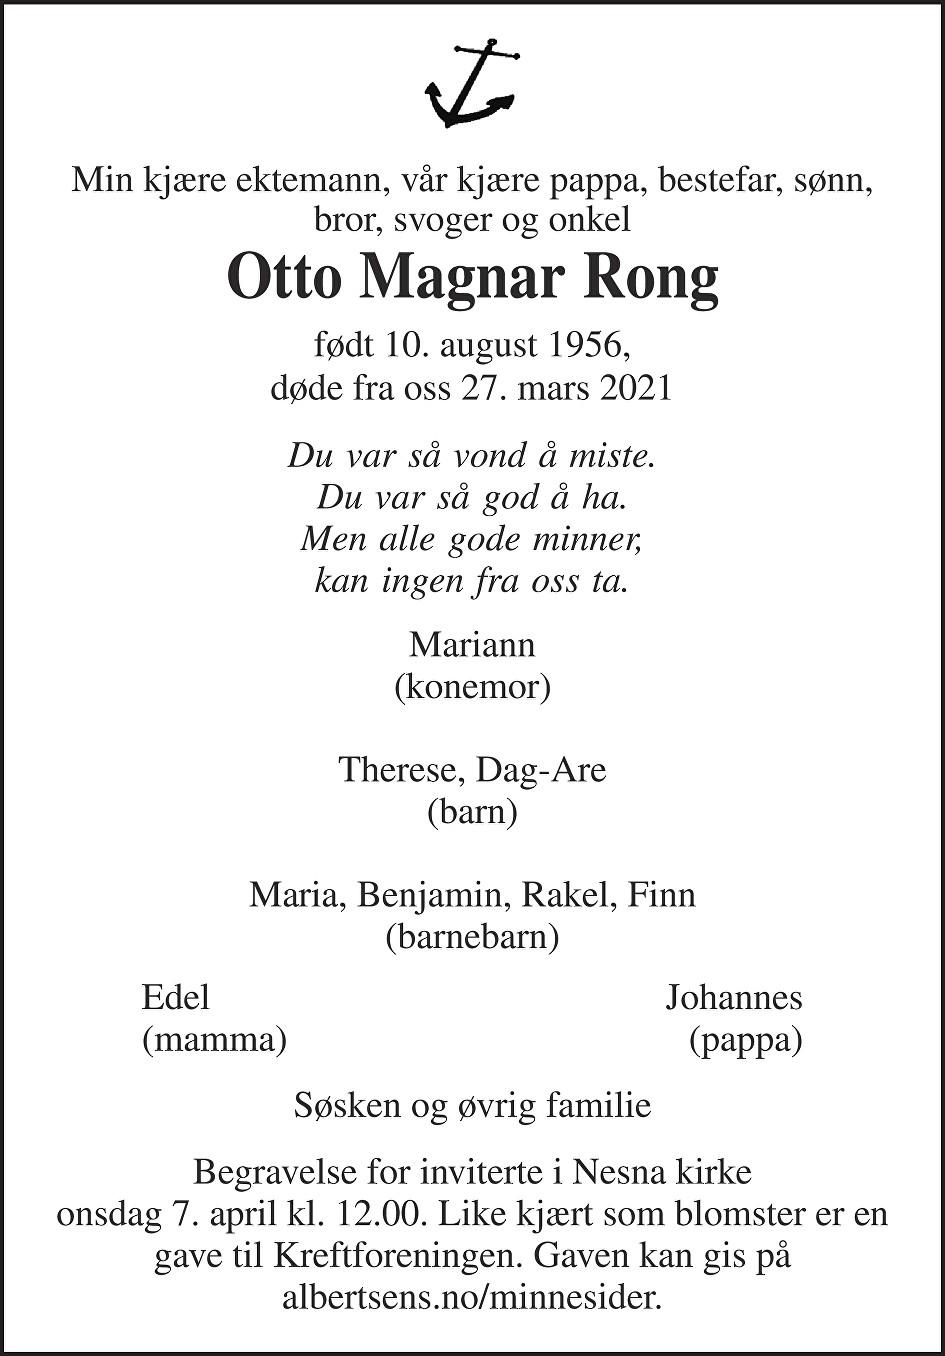 Otto Magnar Rong Dødsannonse